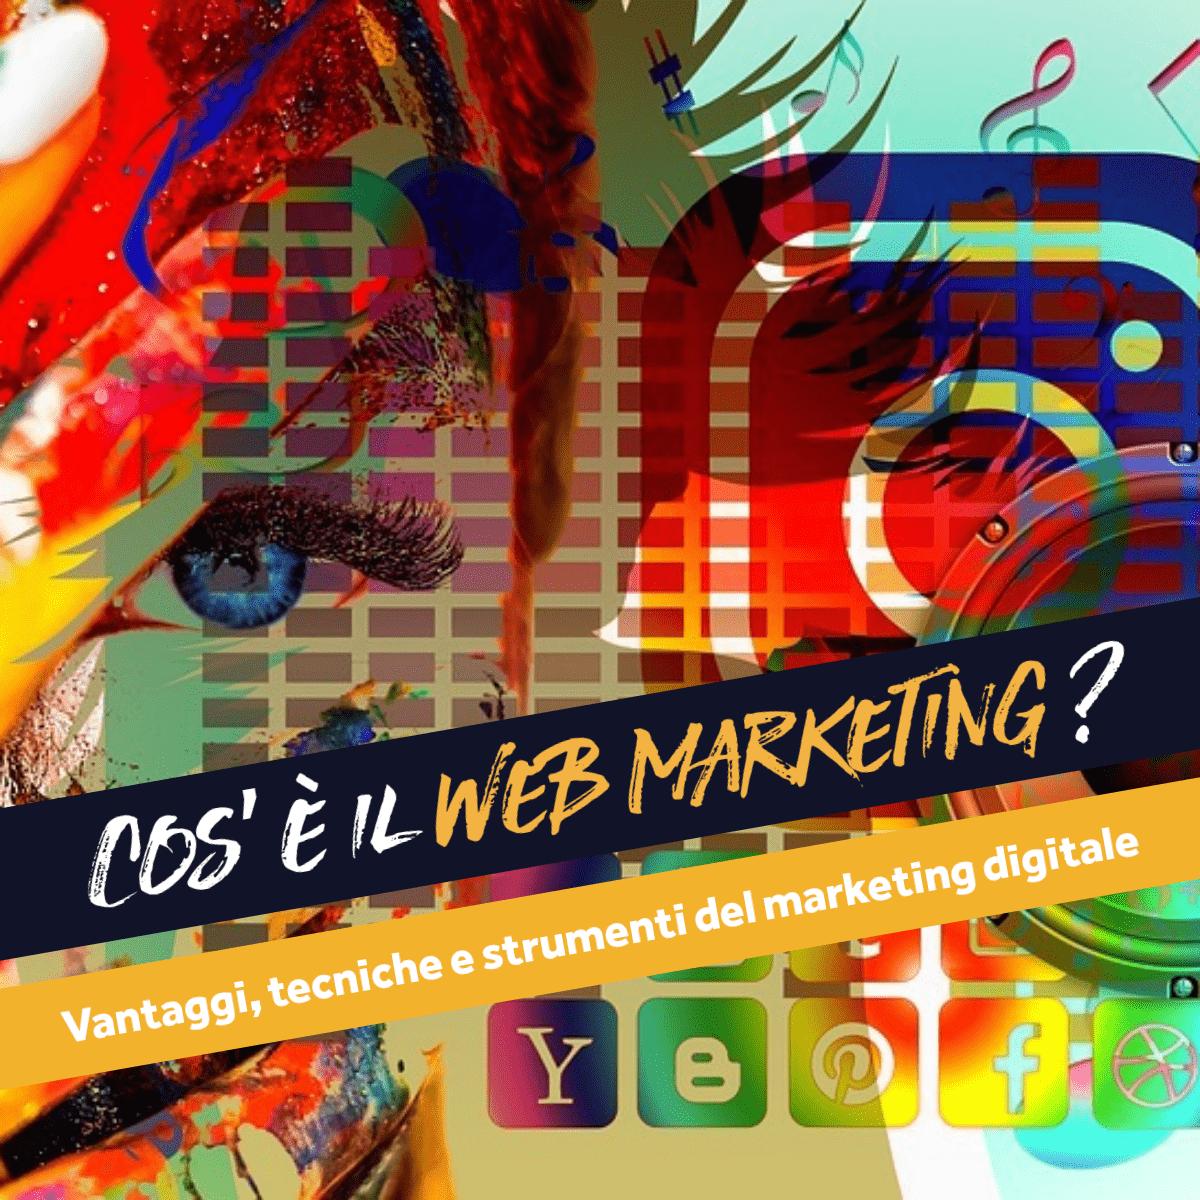 web marketing cosa è?